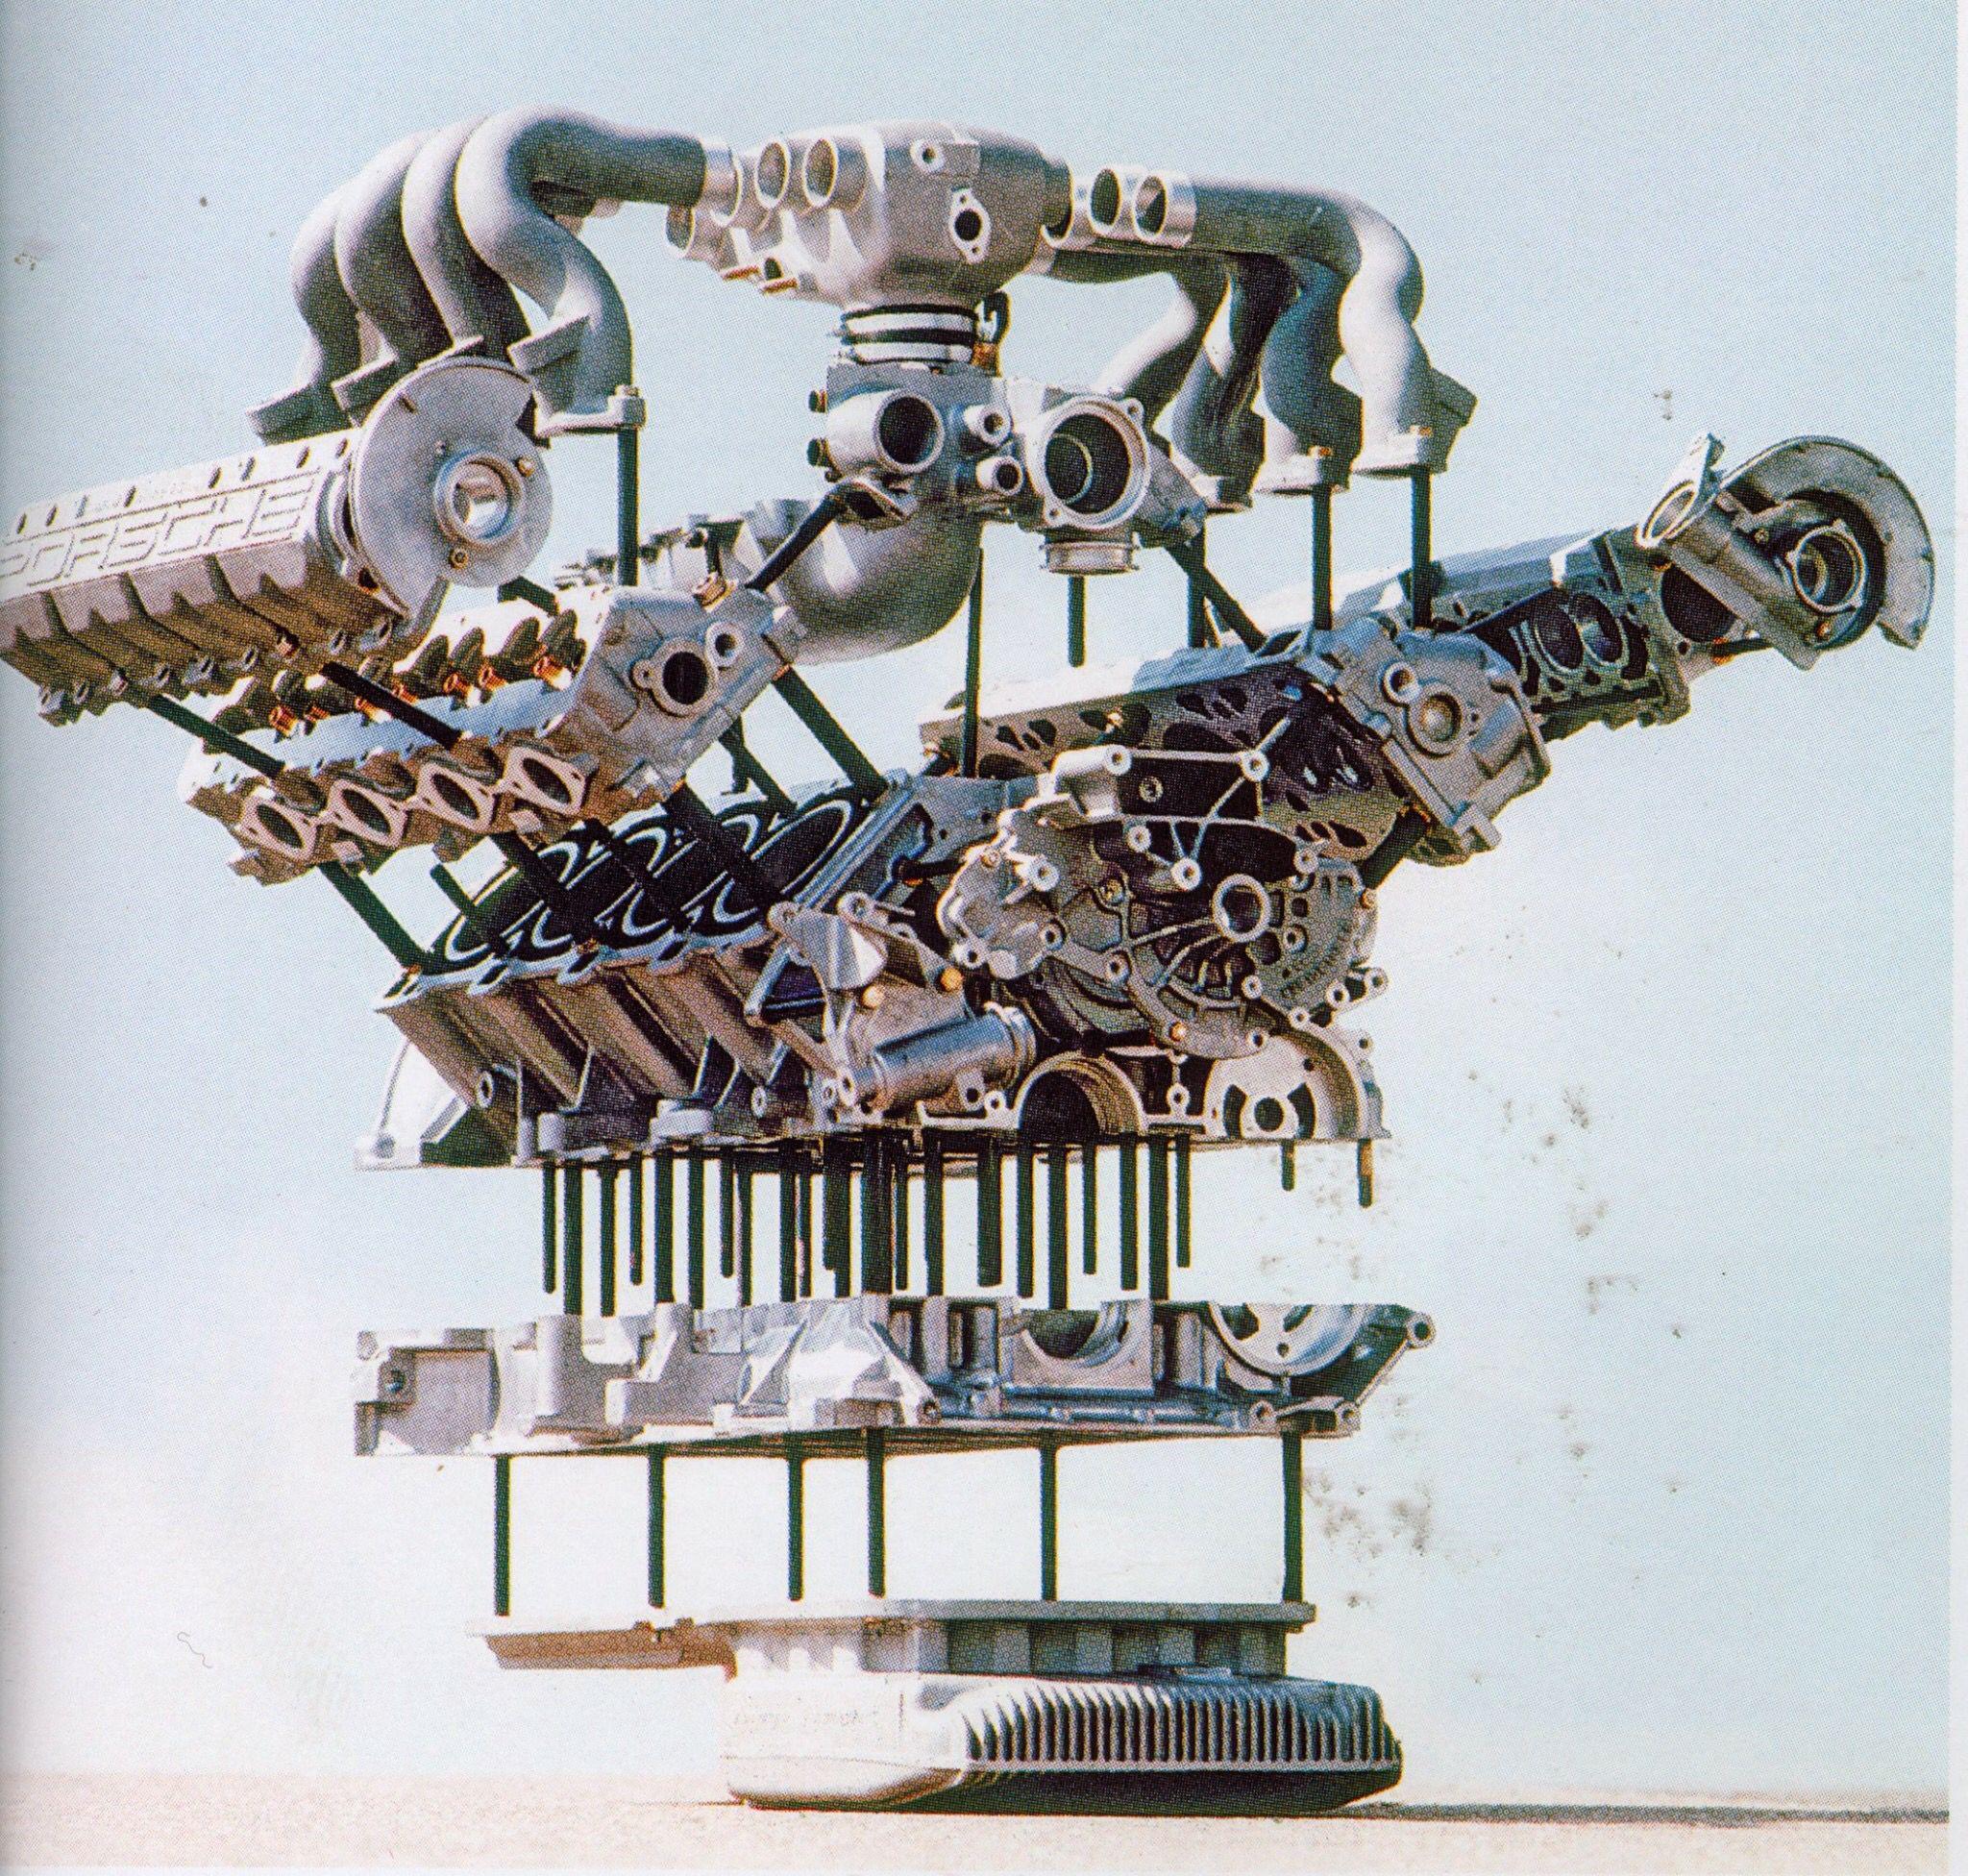 medium resolution of porsche 928 engine exploded view